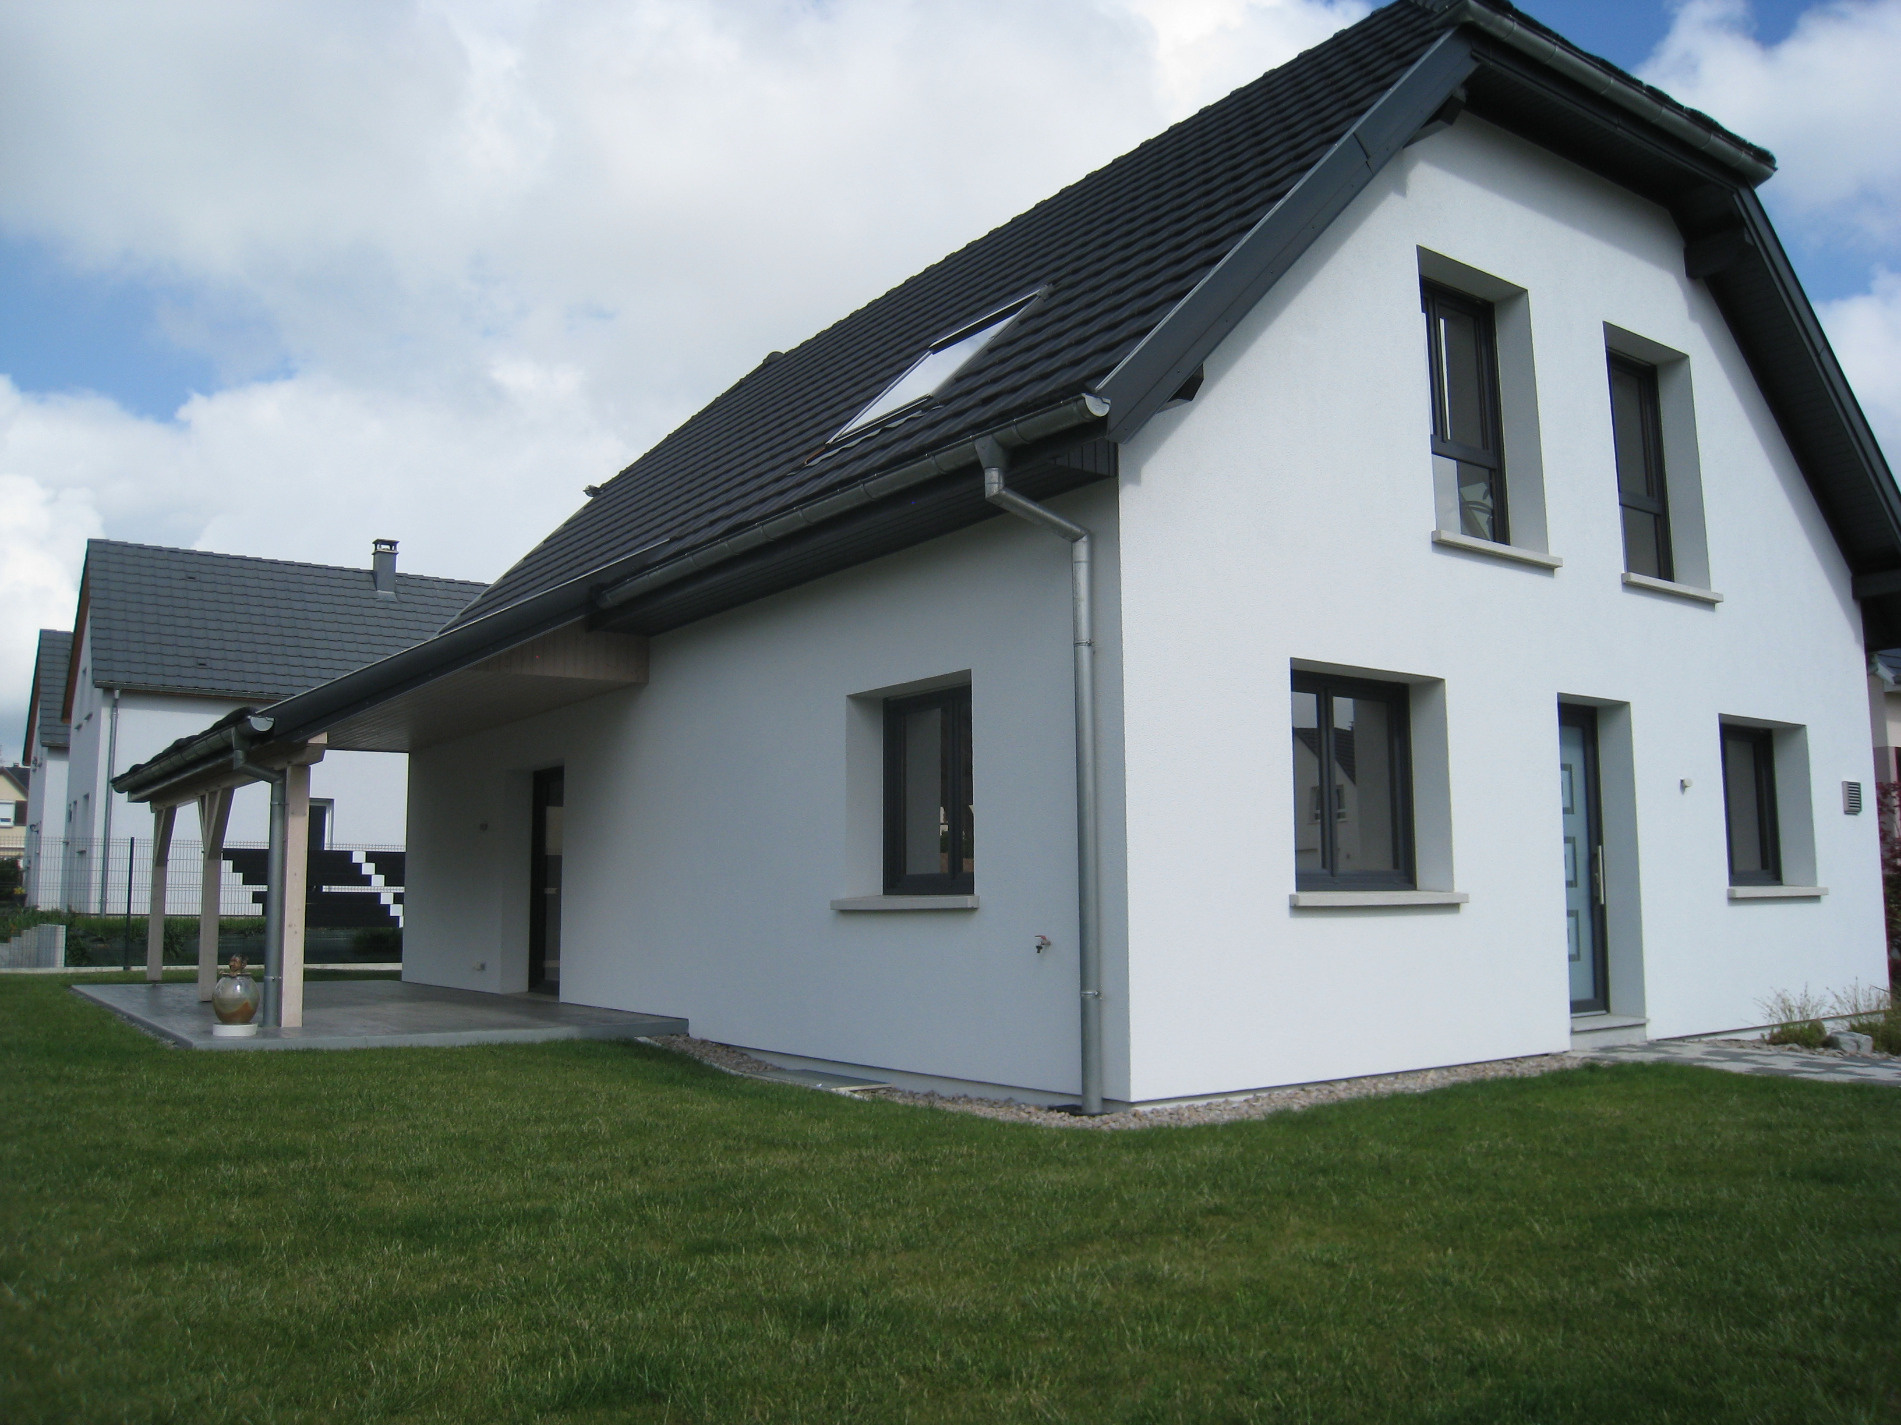 Vente maison individuelle de 150m sur 7 ares de terrain - Terre maison individuelle ...